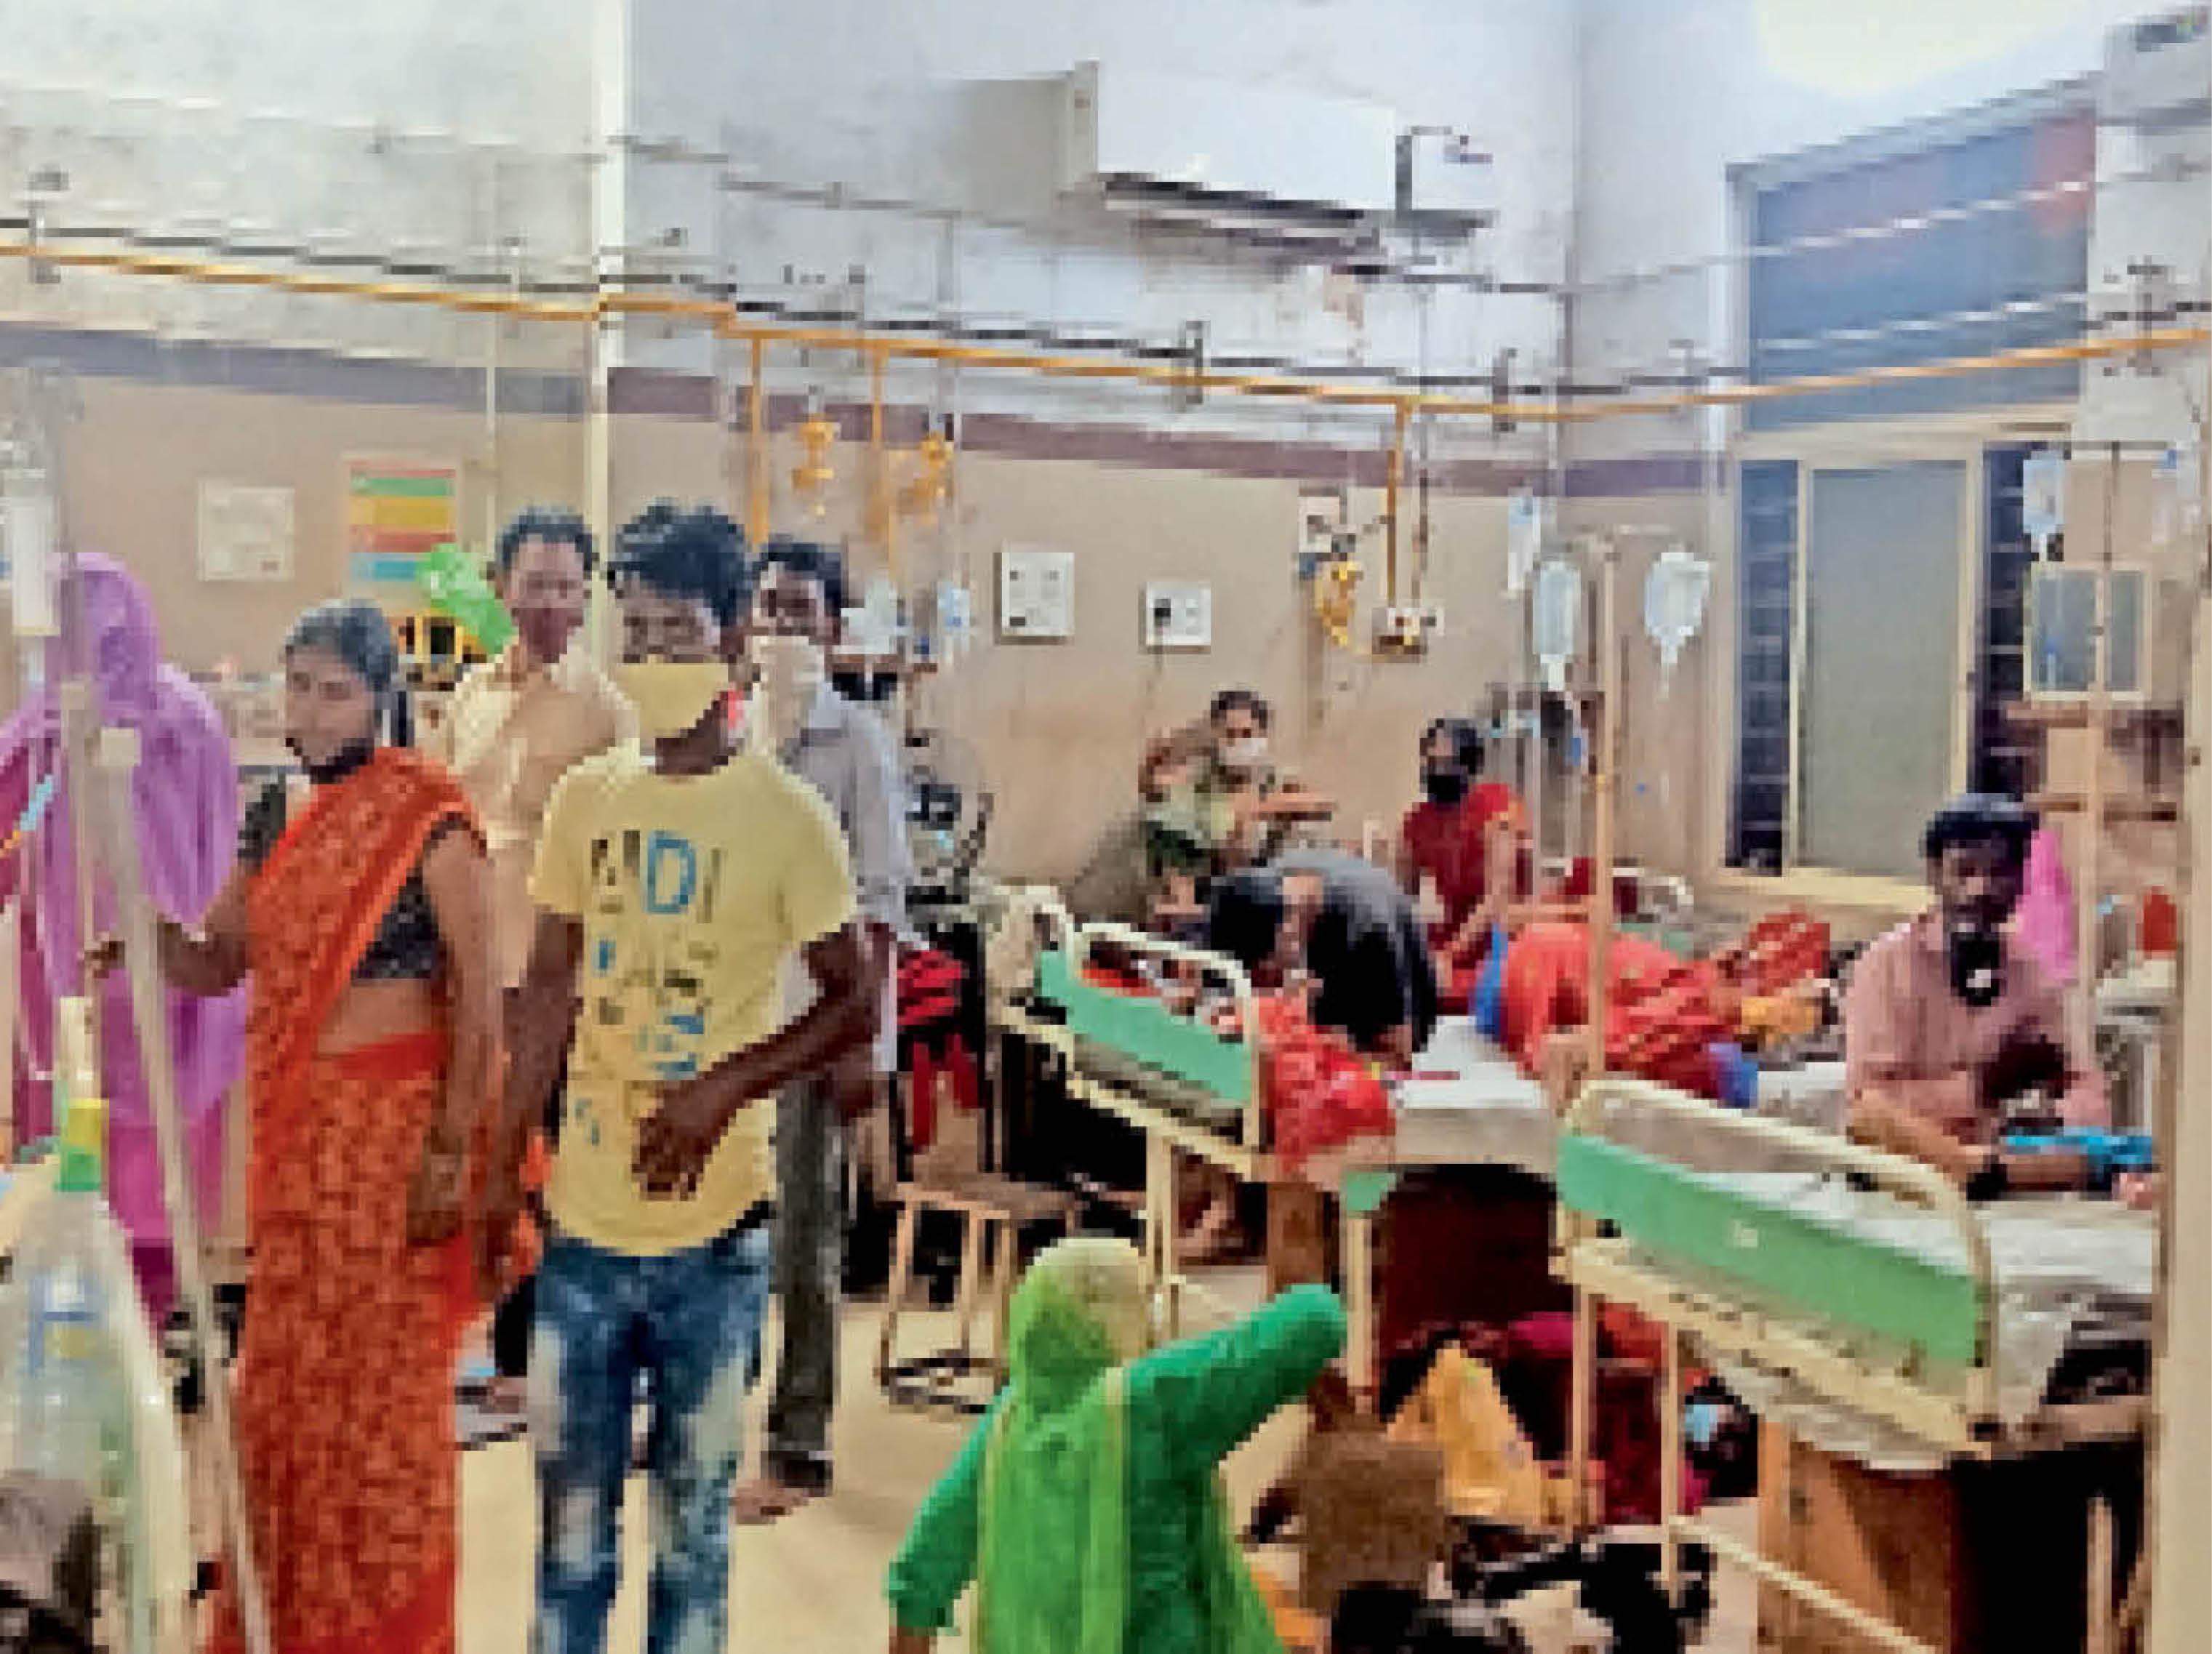 जेएएच में एसी खराब, गर्मी से बेहाल मरीजों के परिजन घर से ला रहे पंखे ग्वालियर,Gwalior - Dainik Bhaskar